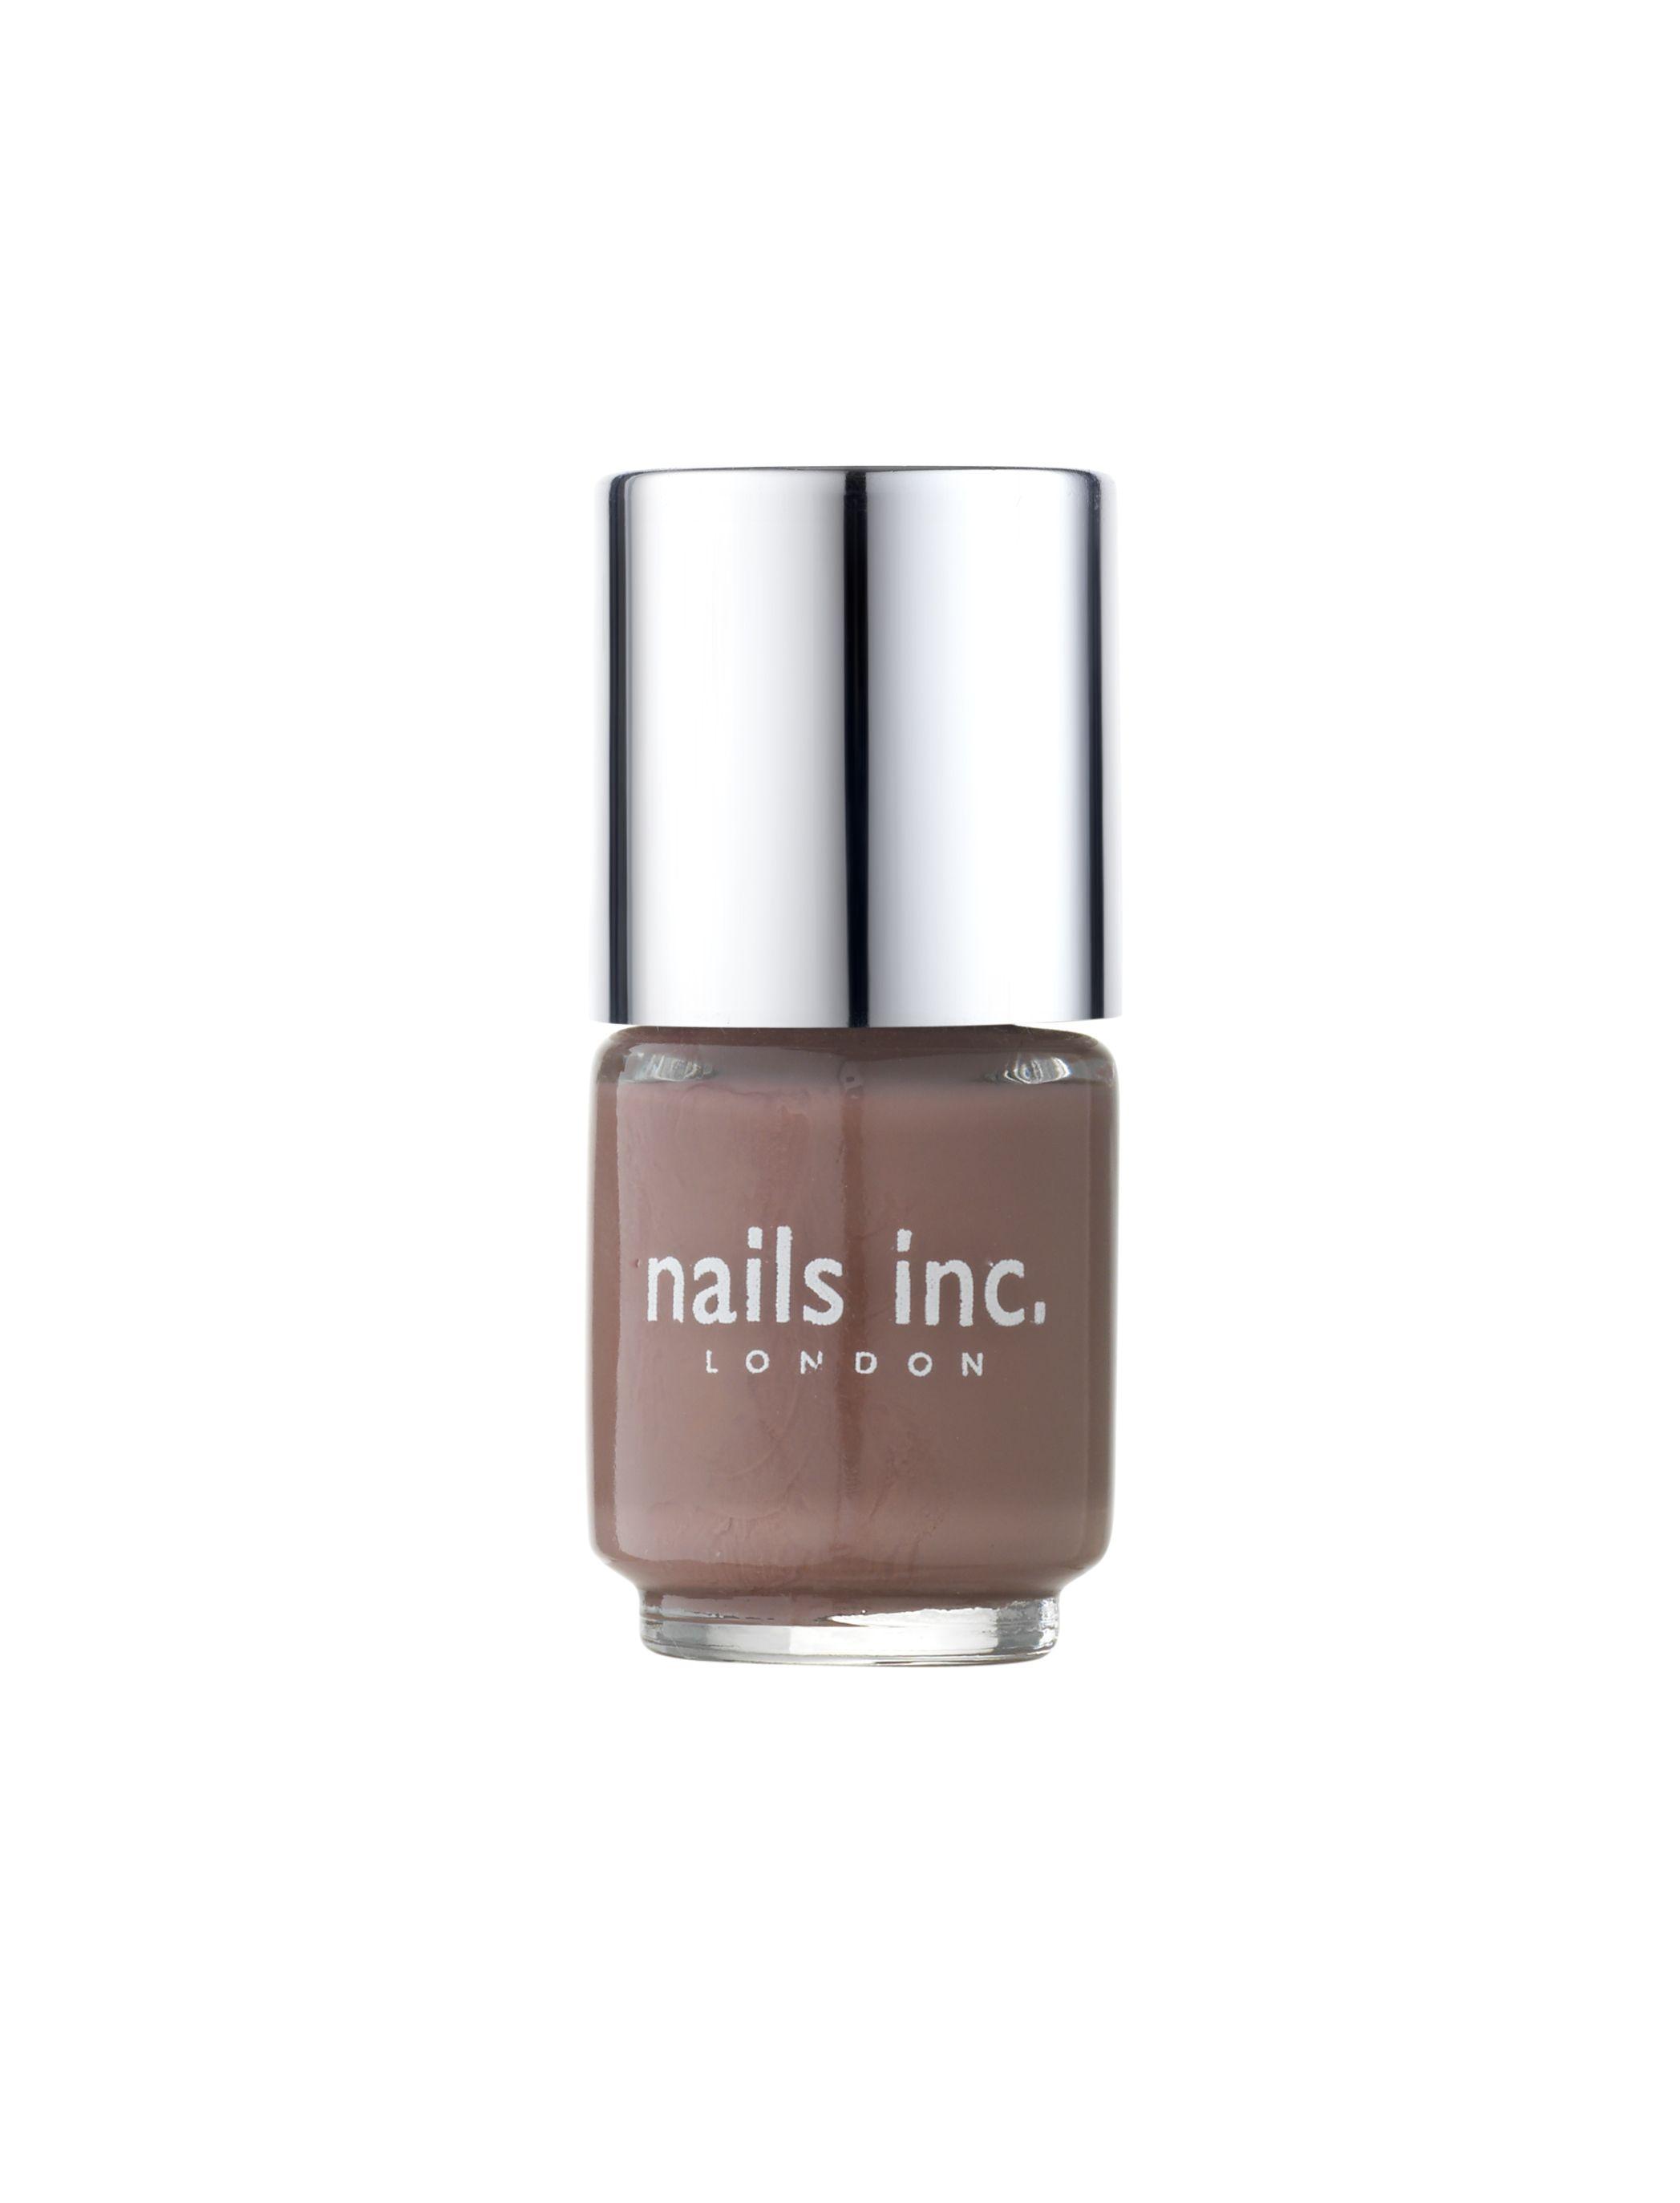 un mini Nails Inc, à glisser dans votre sac pour vous suivre dans vos aventures trépidantes au quotidien ! Un bleu profond séduisant, un rouge carmin indémodable, un nude et un taupe discrets, et un violine chic... A vous de choisir la couleur tendance qui accessoirisera votre tenue !